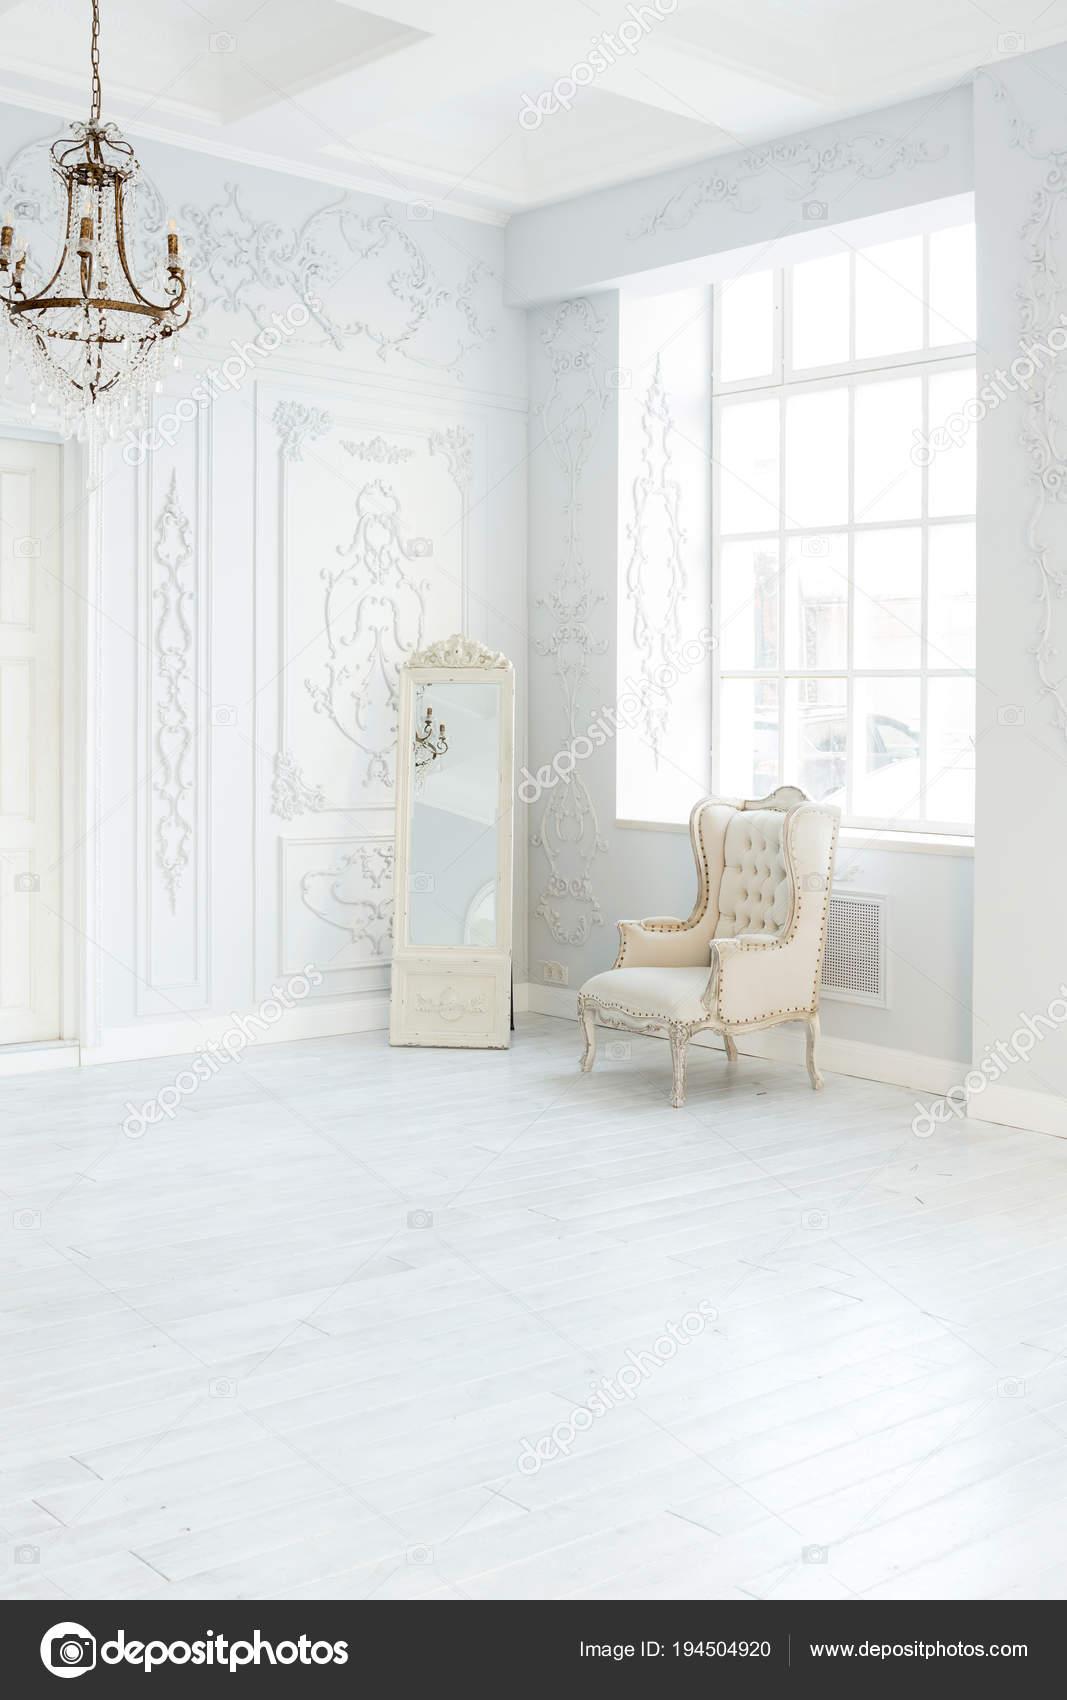 Luxury Rich Living Room Interior Design Elegant Classic